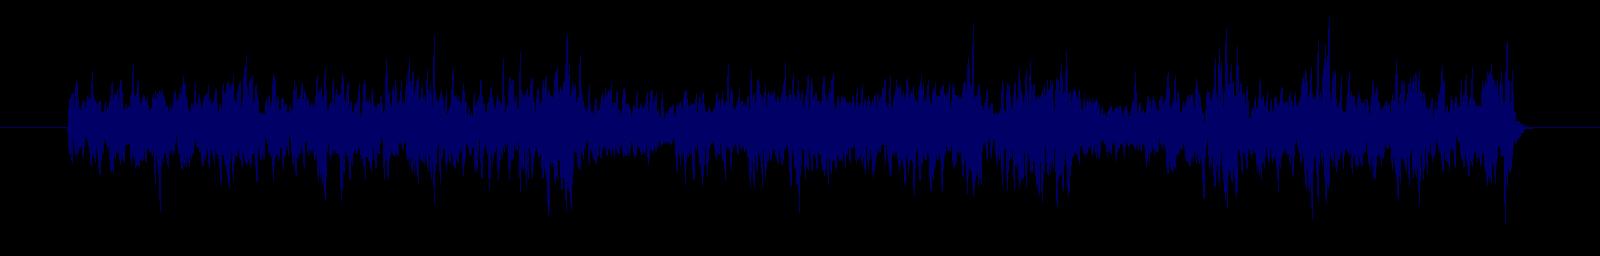 waveform of track #152085